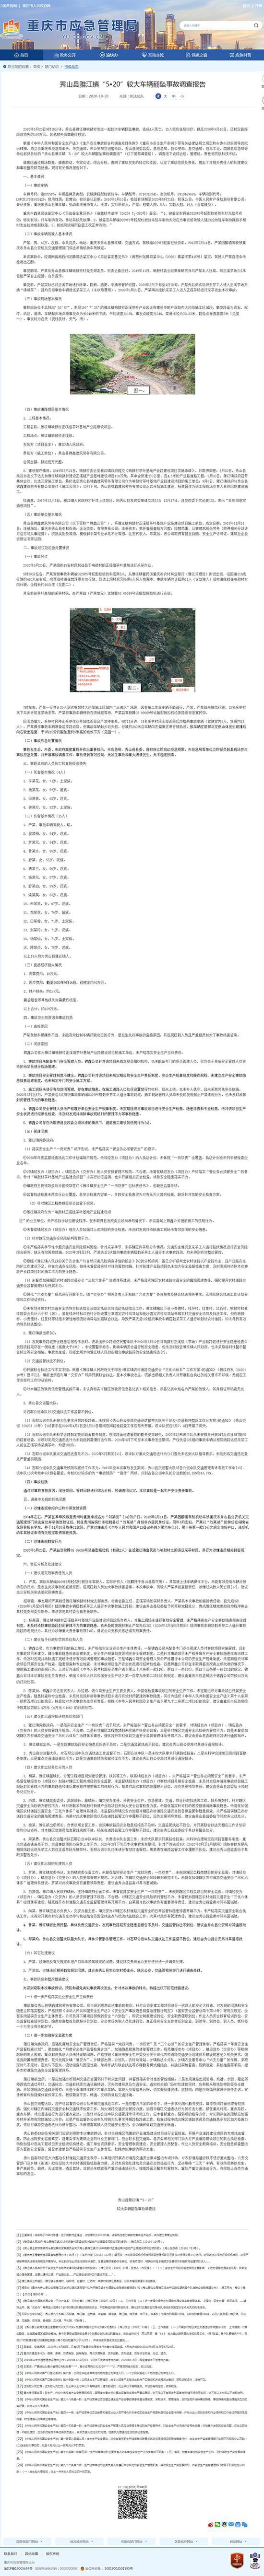 重庆市应急管理局网站 截图